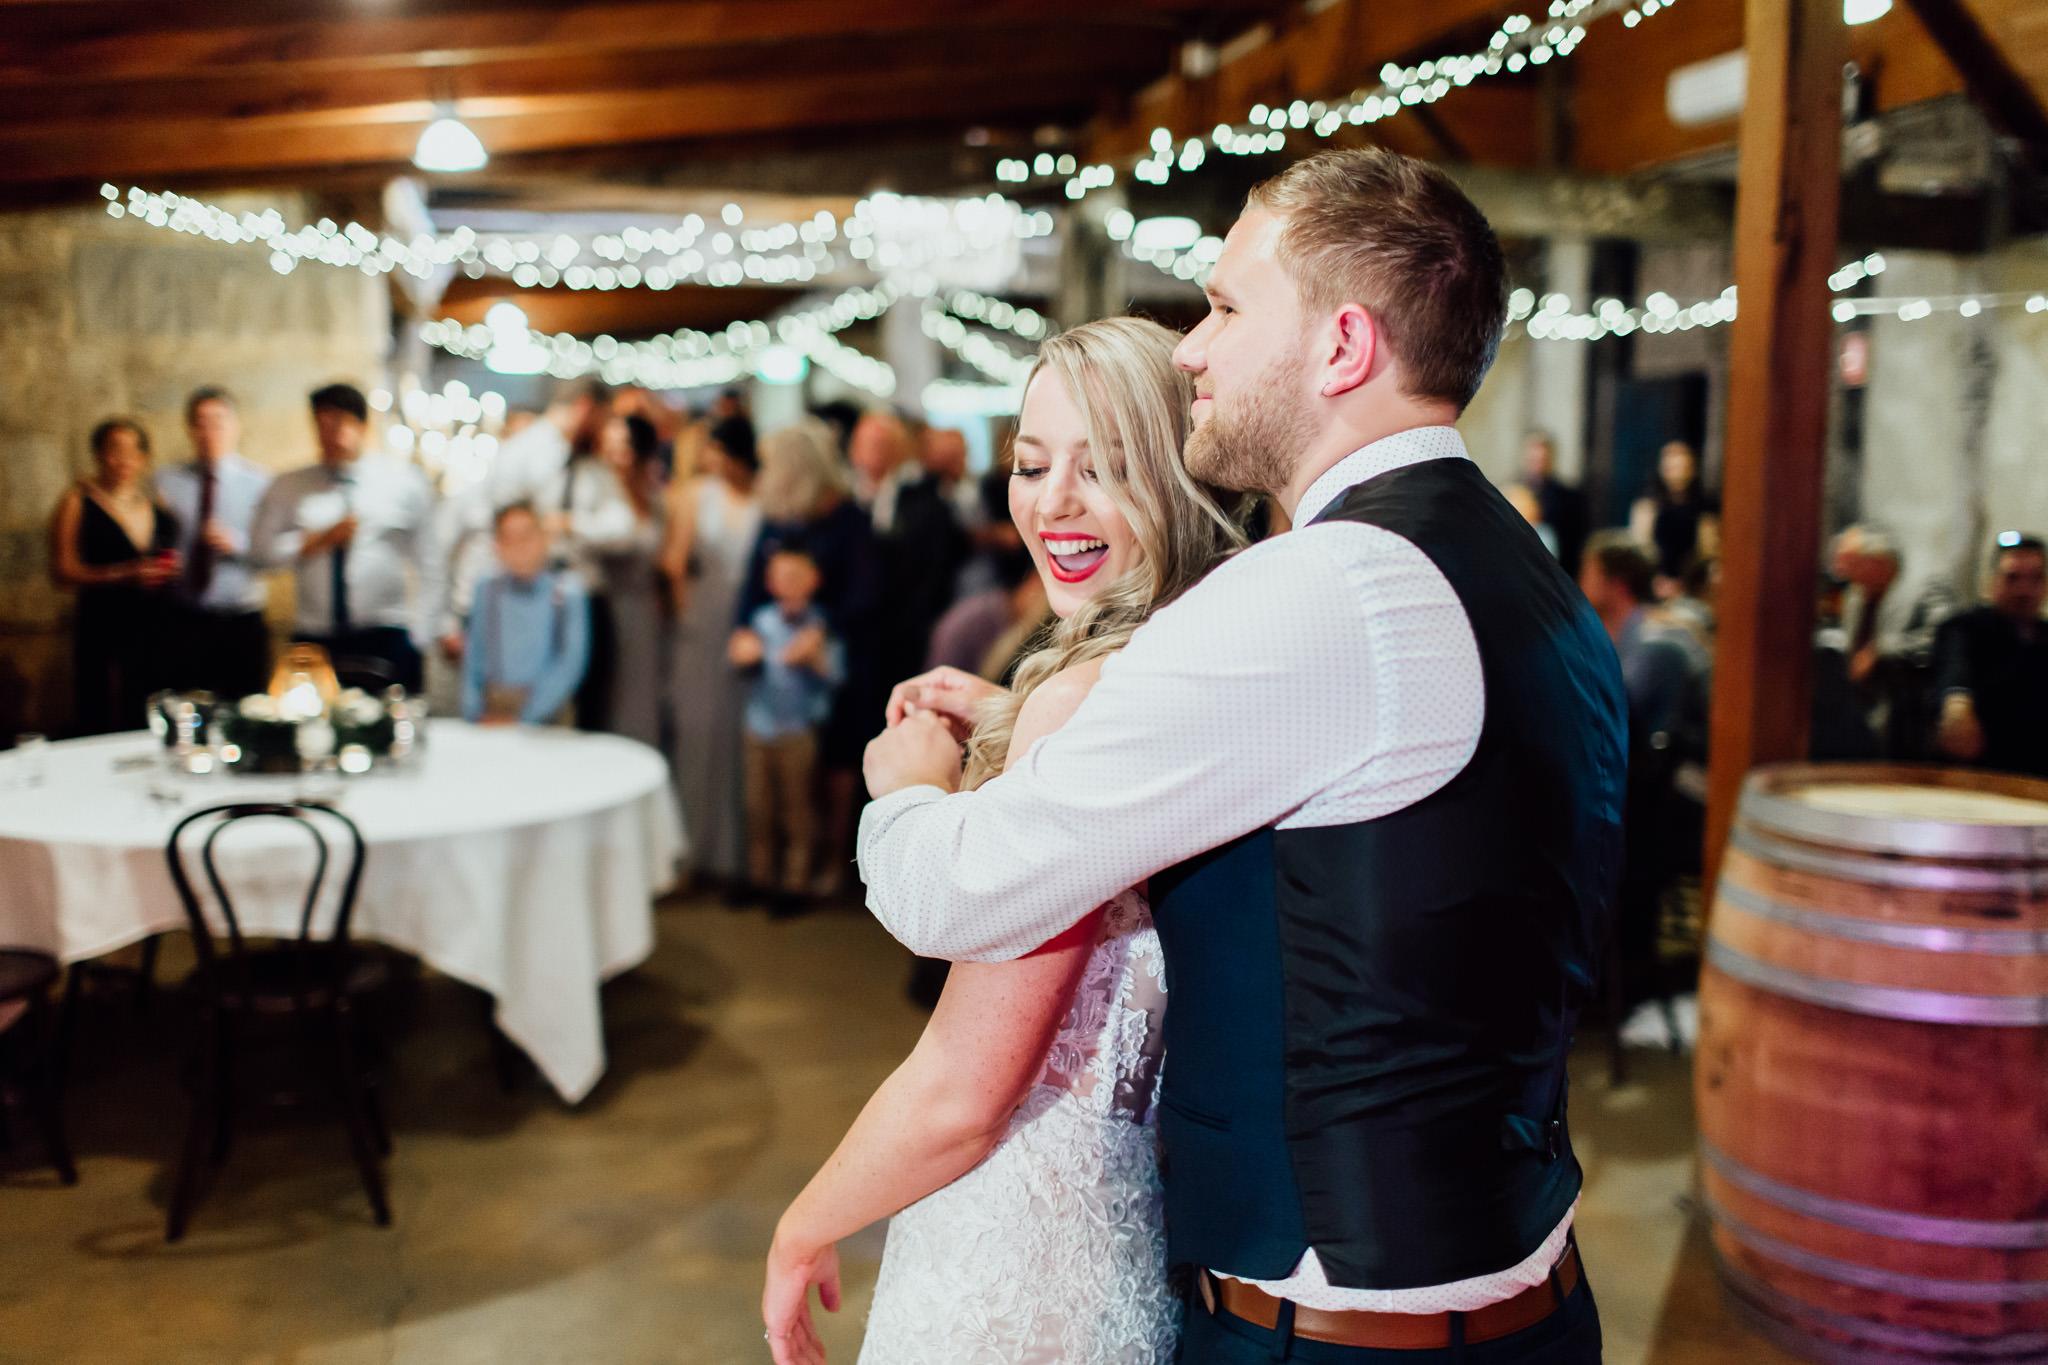 WeddingPhotos_Facebook_2048pixels-1152.jpg